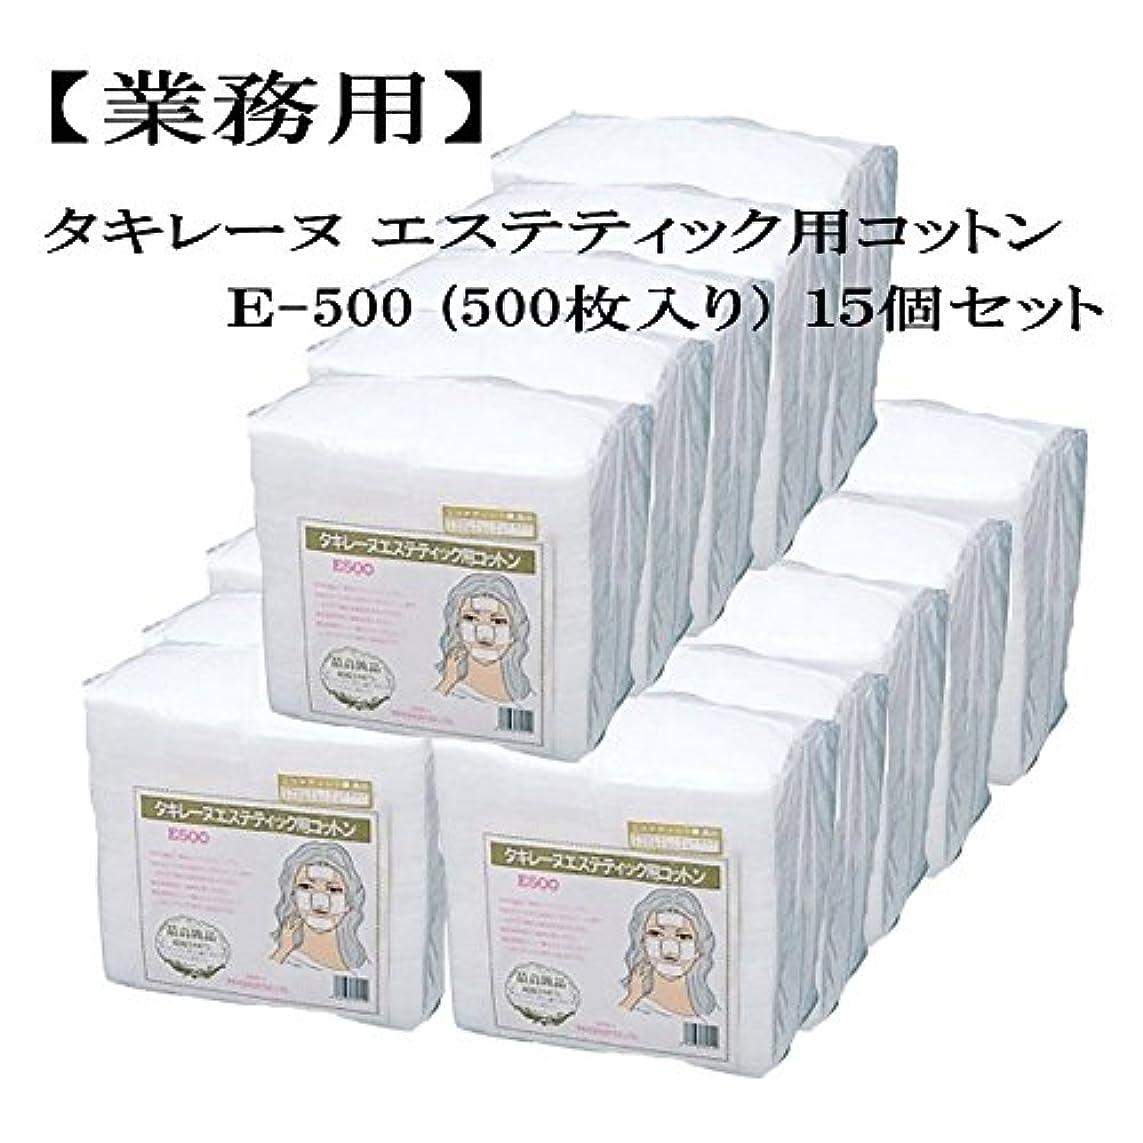 国内の食物恵みタキレーヌ エステティック用コットン E-500 500枚入 15個セット 業務用